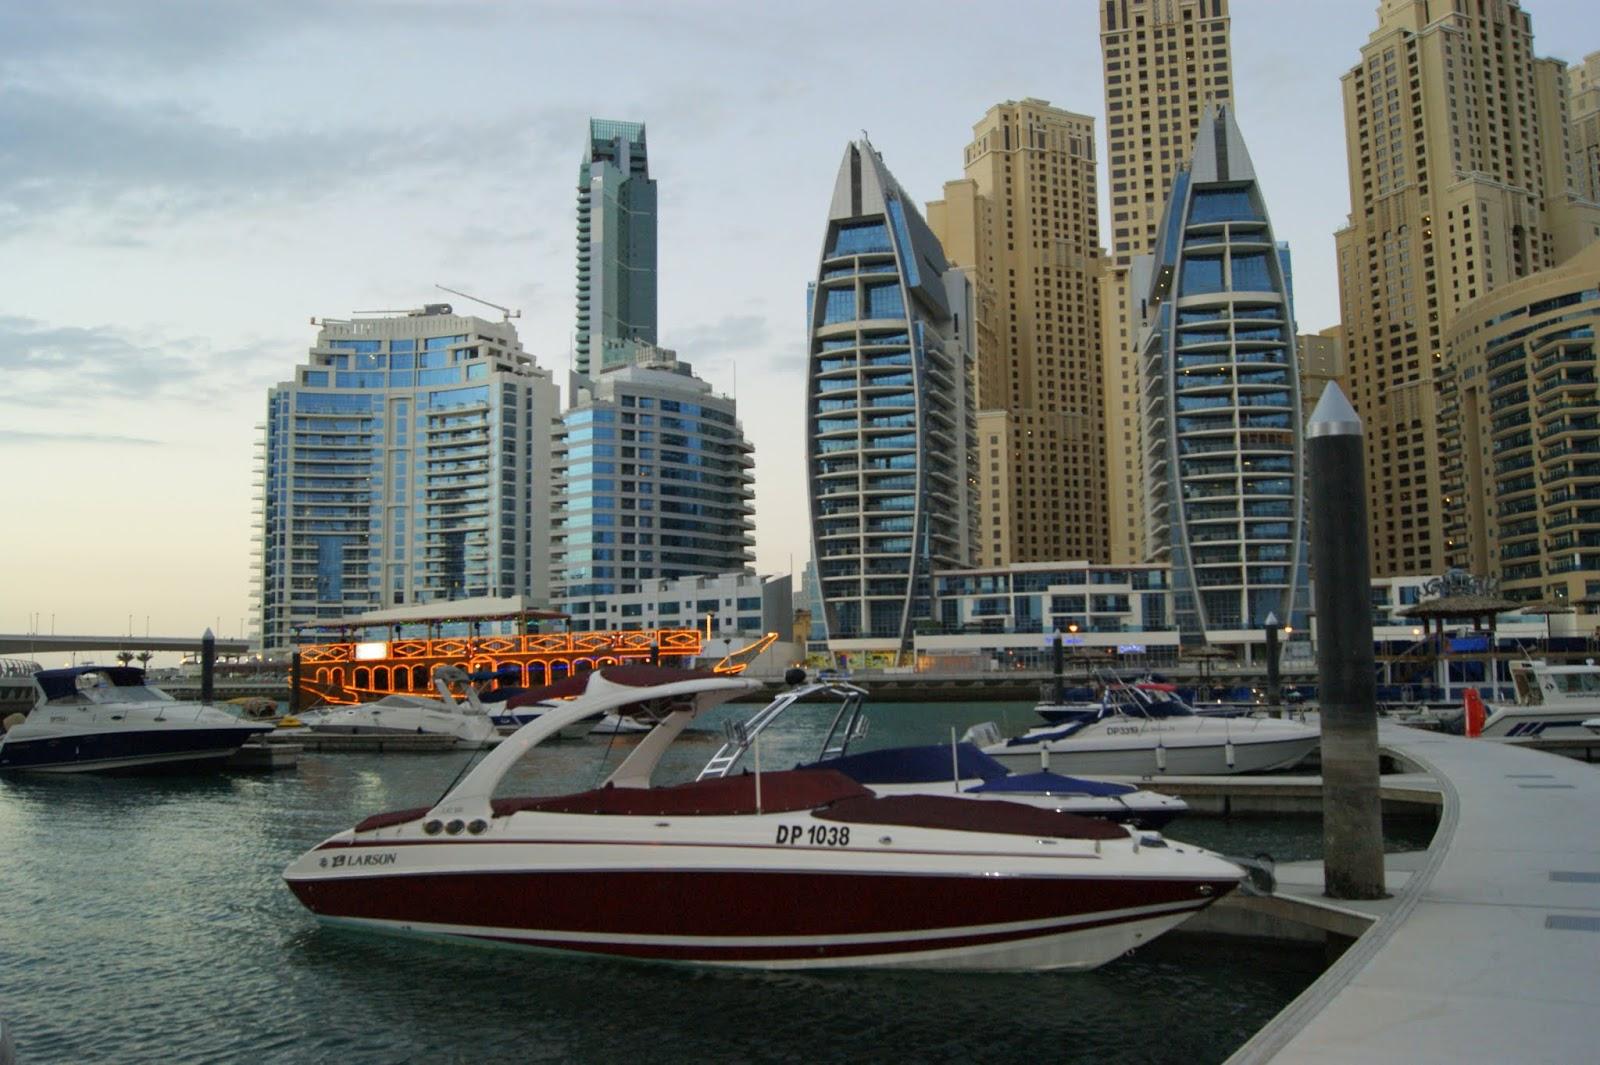 Почти 100 станций для зарядки электромобилей появится в Дубае в 2016 году